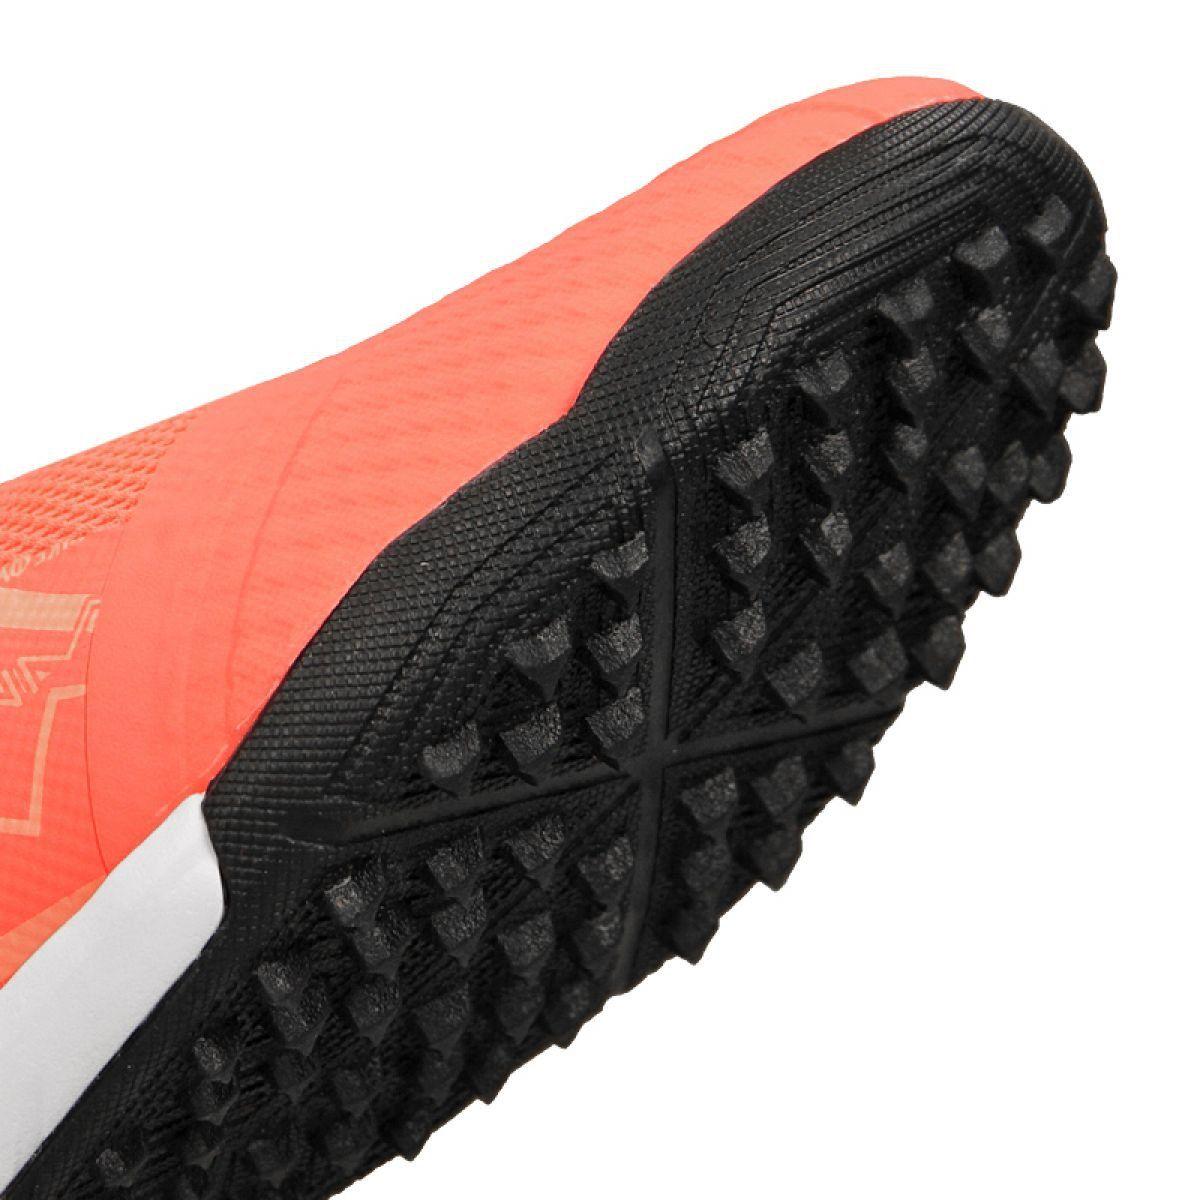 Buty Pilkarskie Nike Phantom Vnm Academy Tf M Ao0571 810 Pomaranczowe Niebieskie Football Shoes Soccer Shoes Shoe Laces